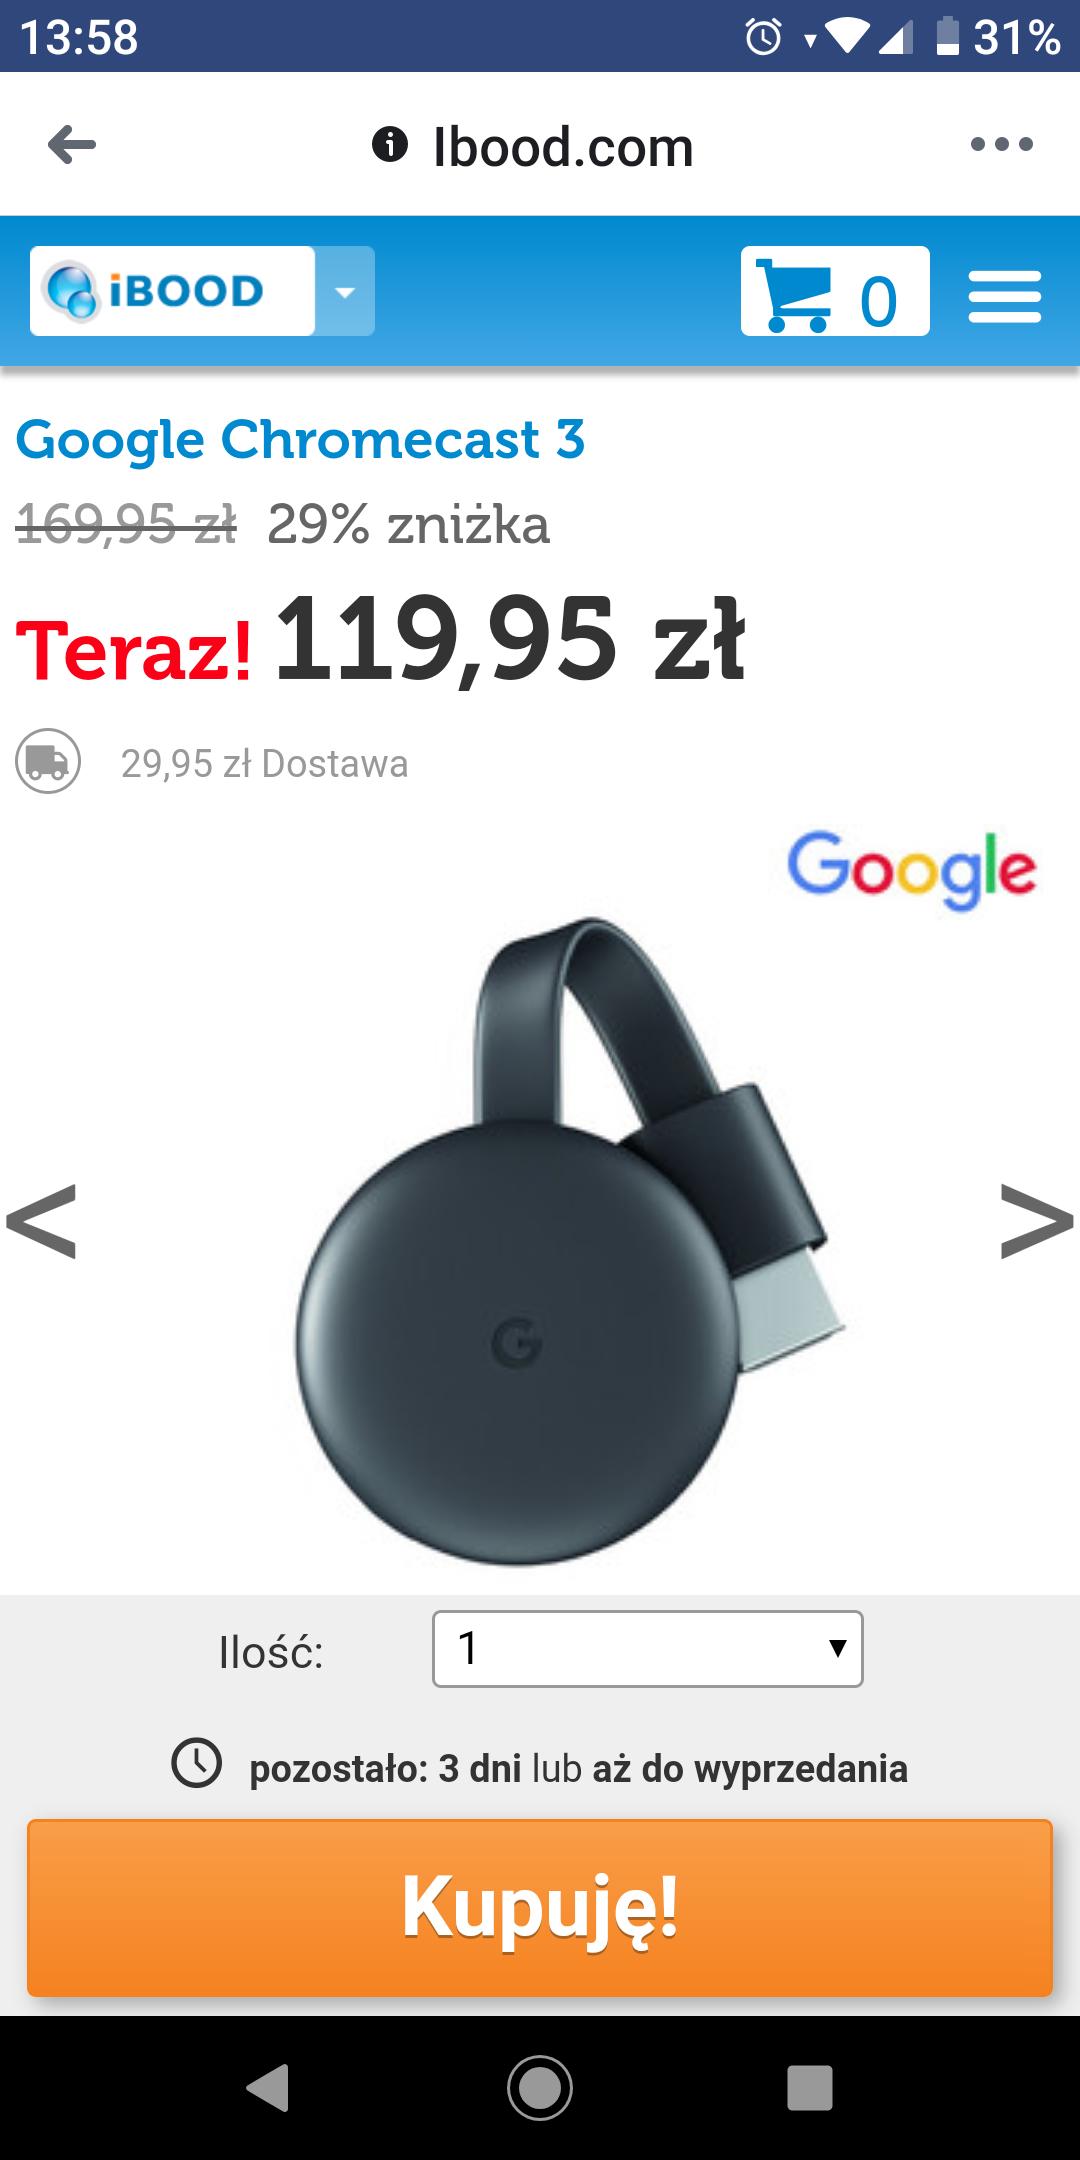 Google chromecast 3 za 119,95zł + wysyłka @ Ibood